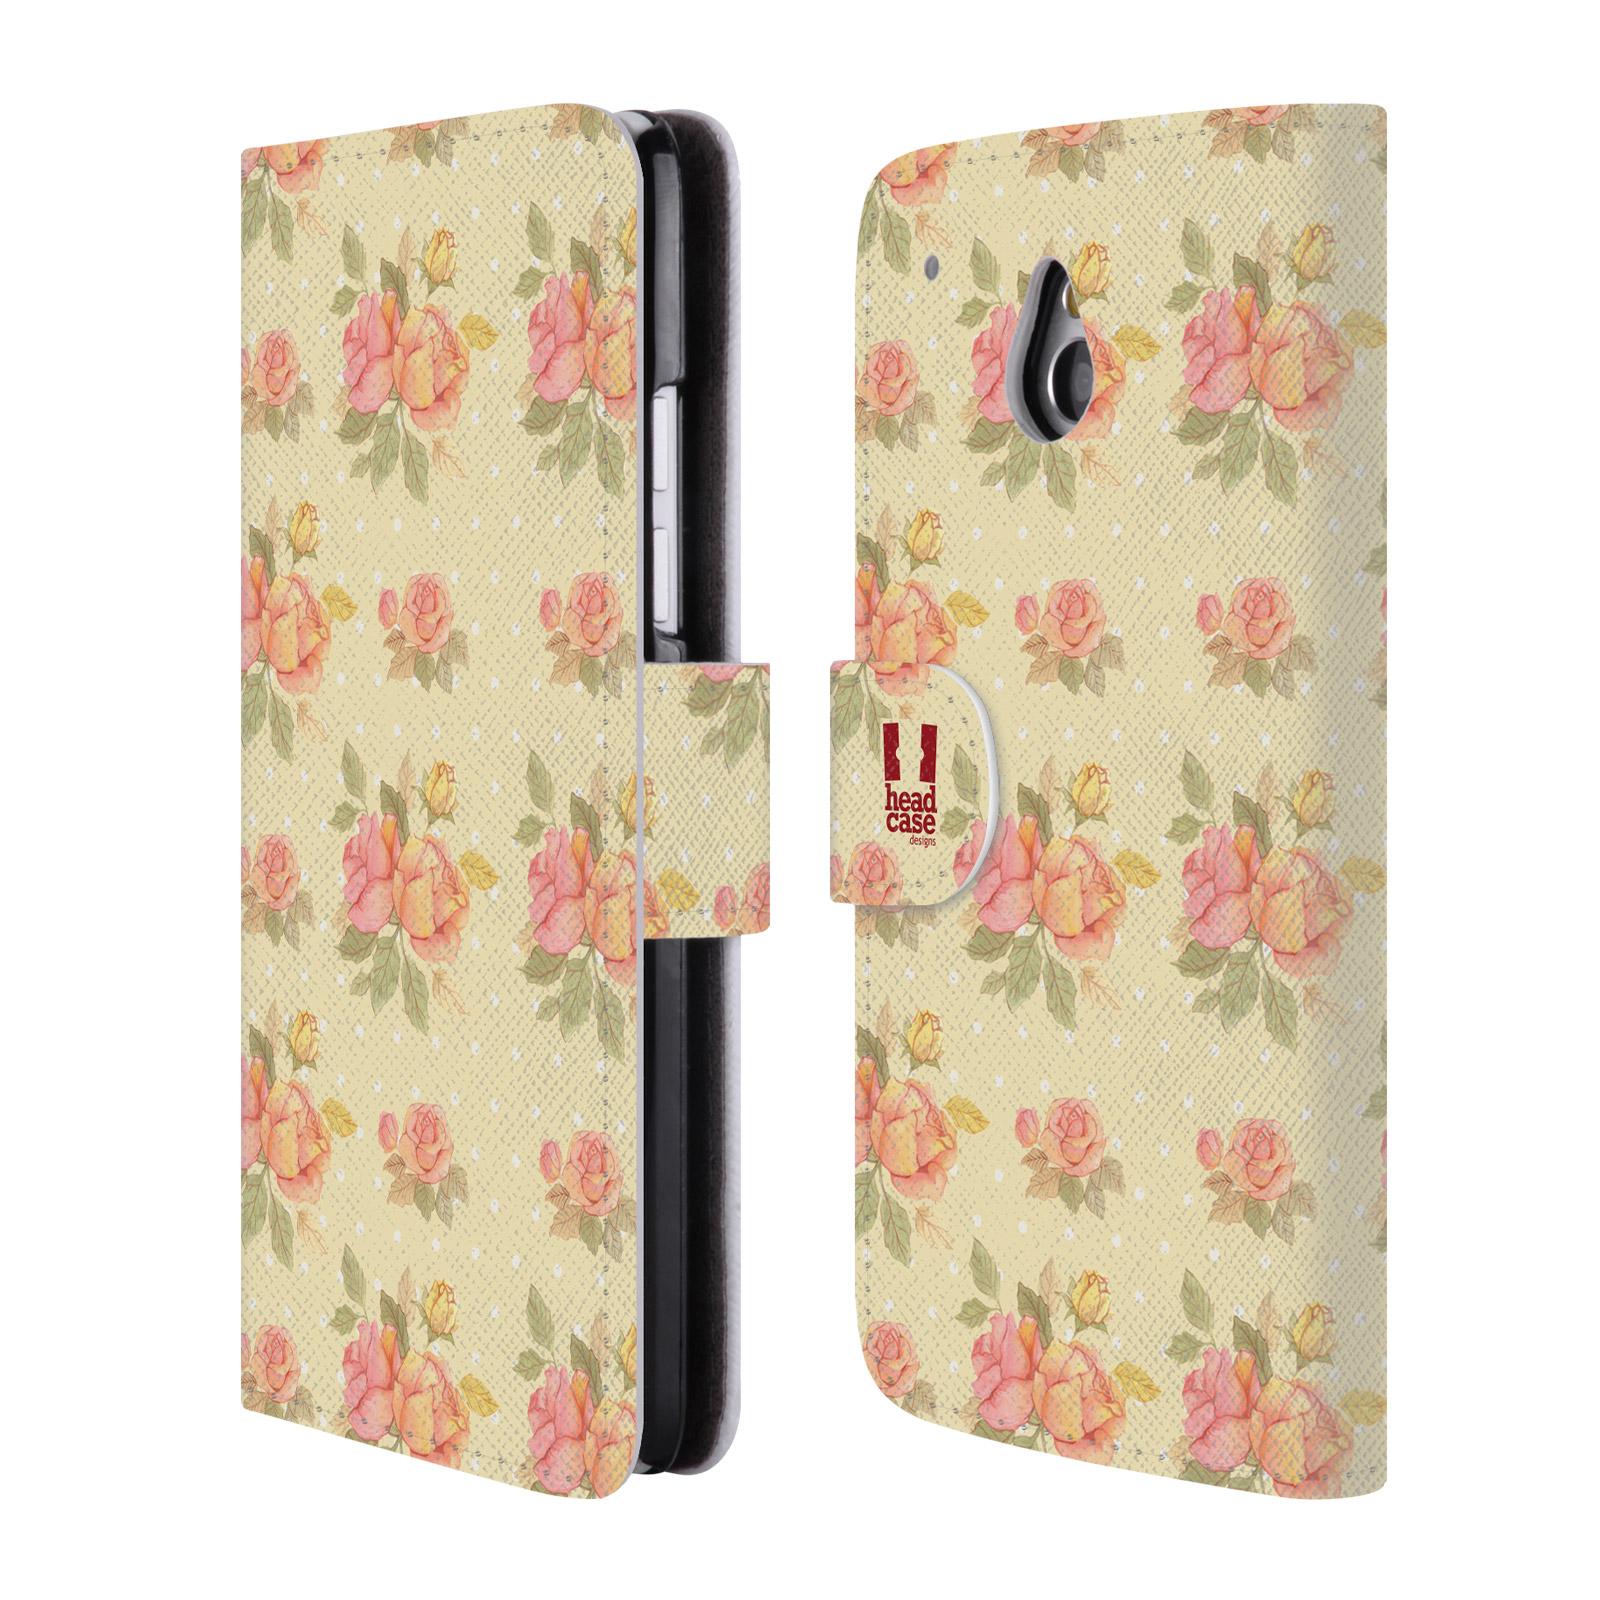 HEAD CASE Flipové pouzdro pro mobil HTC ONE MINI (M4) romantické květy LÉTO